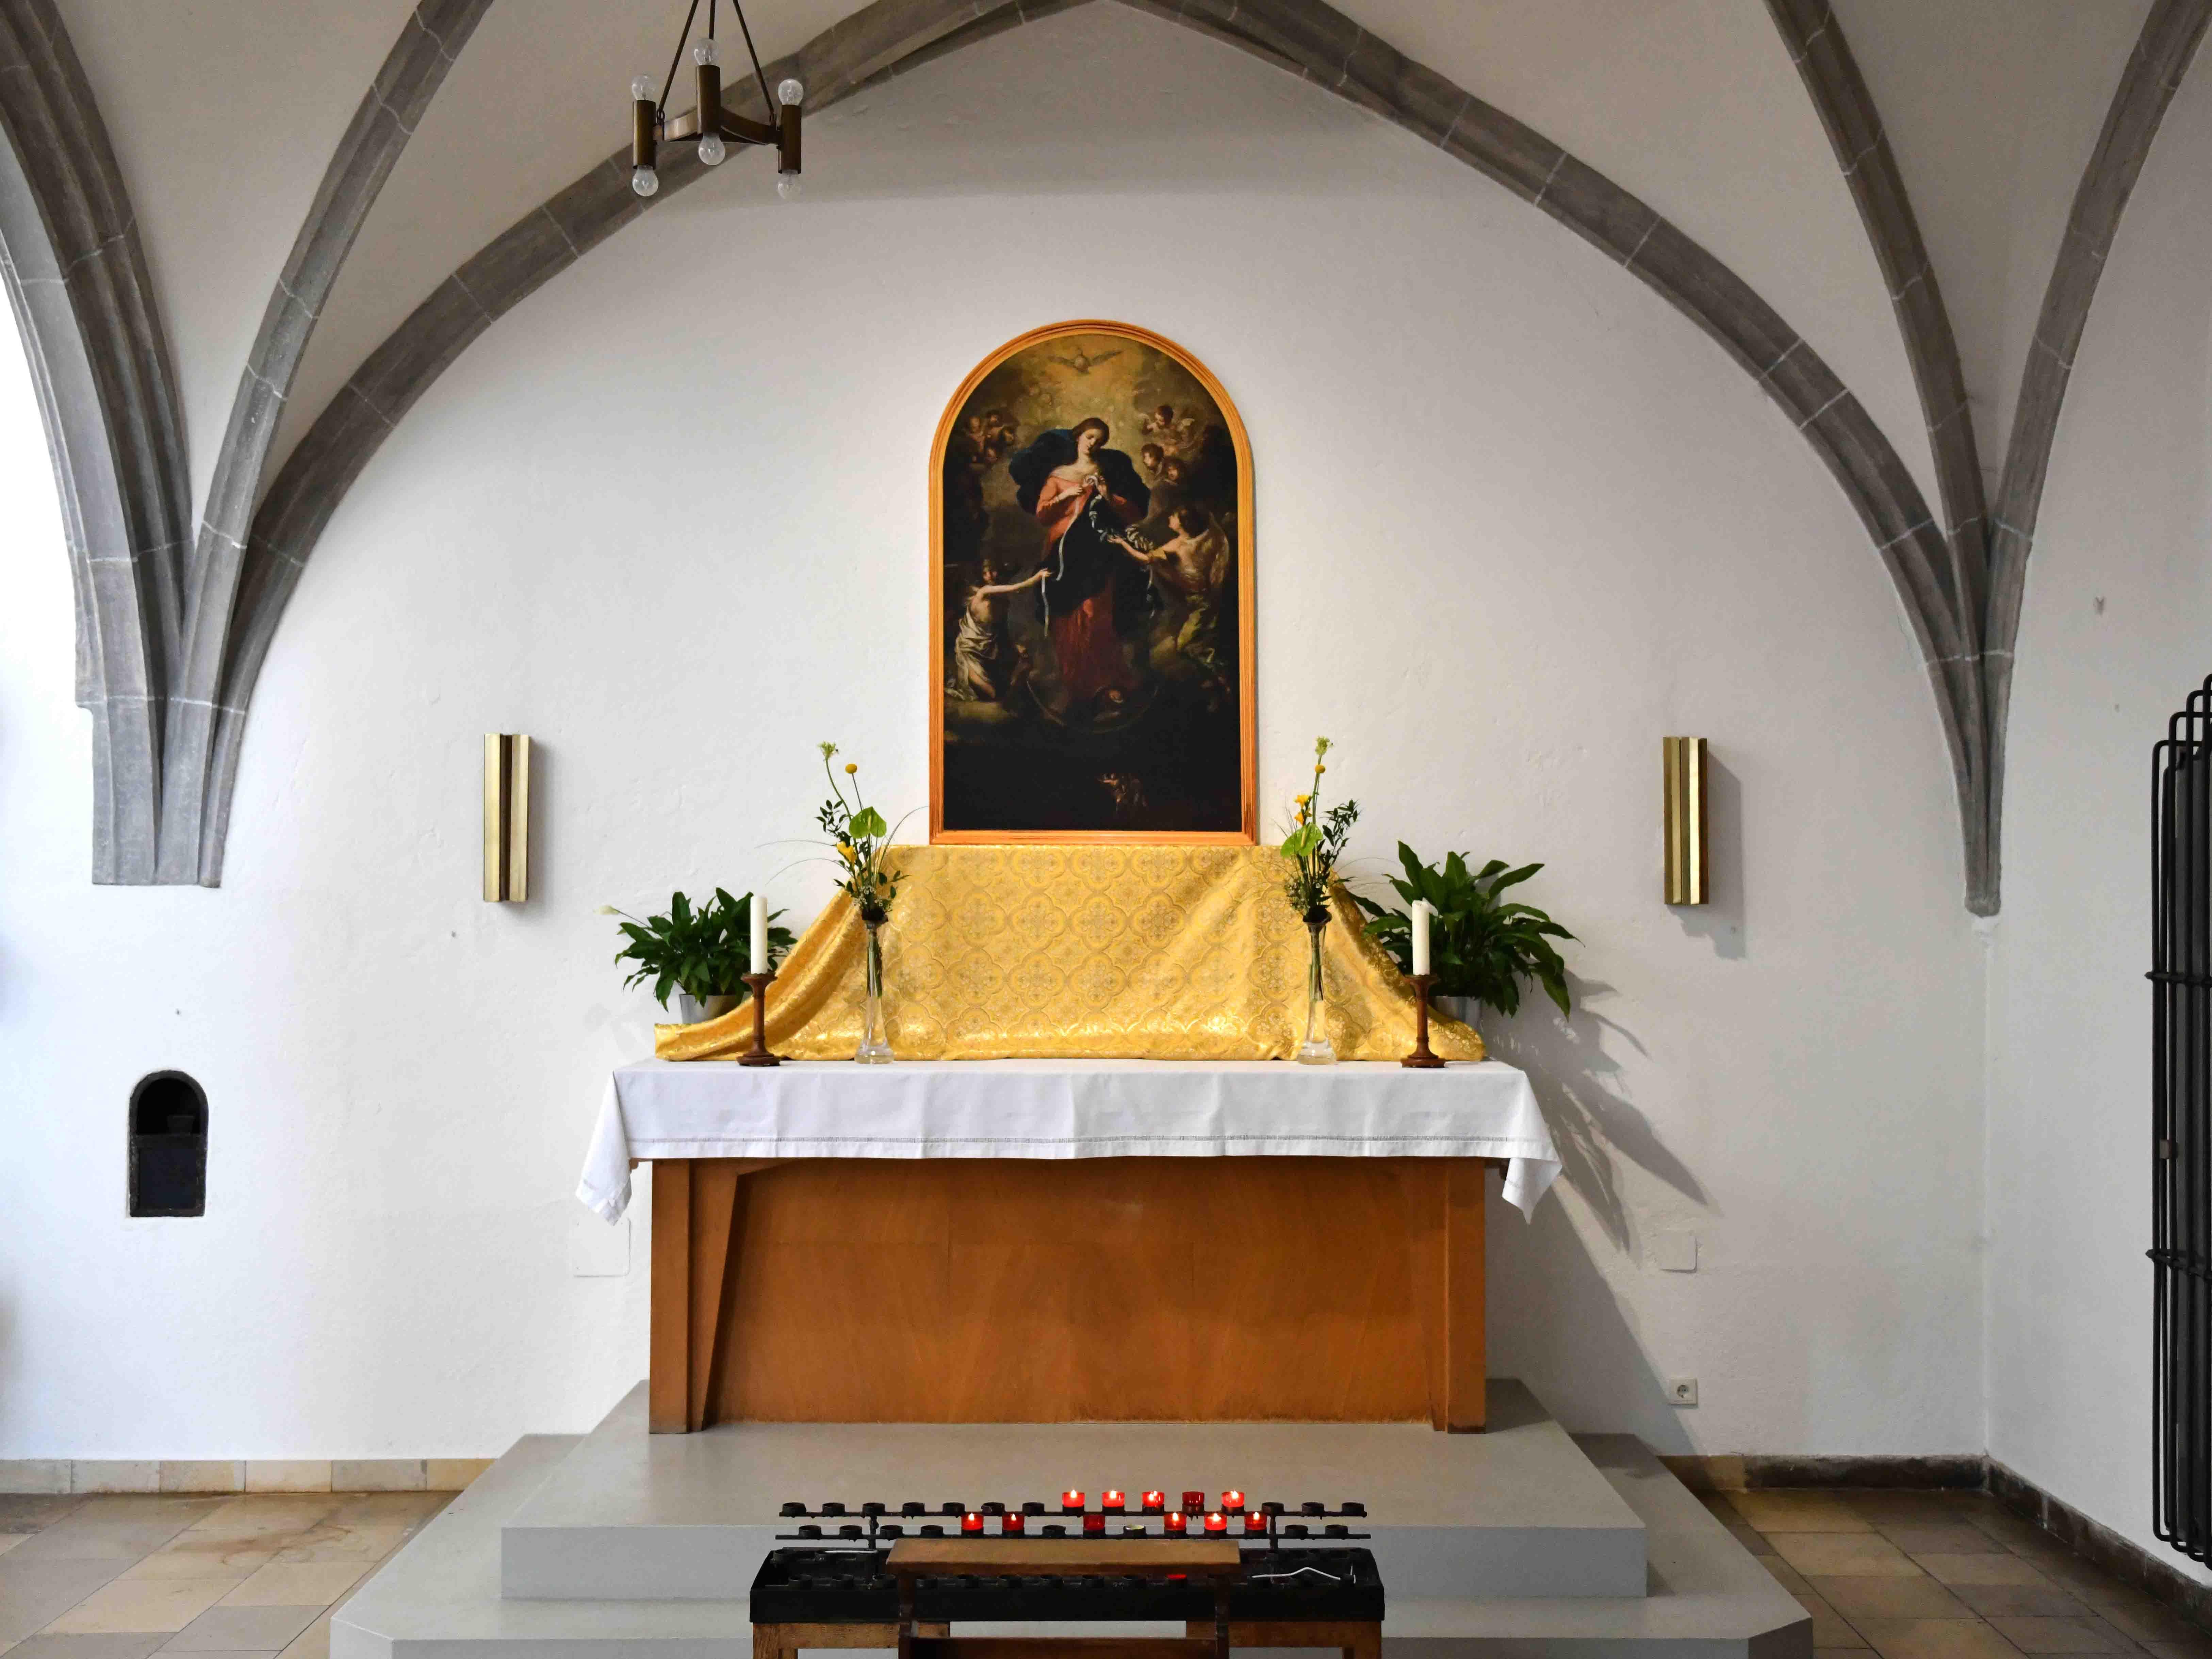 Eine Kopie des bekannten Gnadenbilds hängt seit Ostern in der nahegelegenen Wallfahrtskirche Heilig Kreuz. (Foto: Nicolas Schnall / pba)